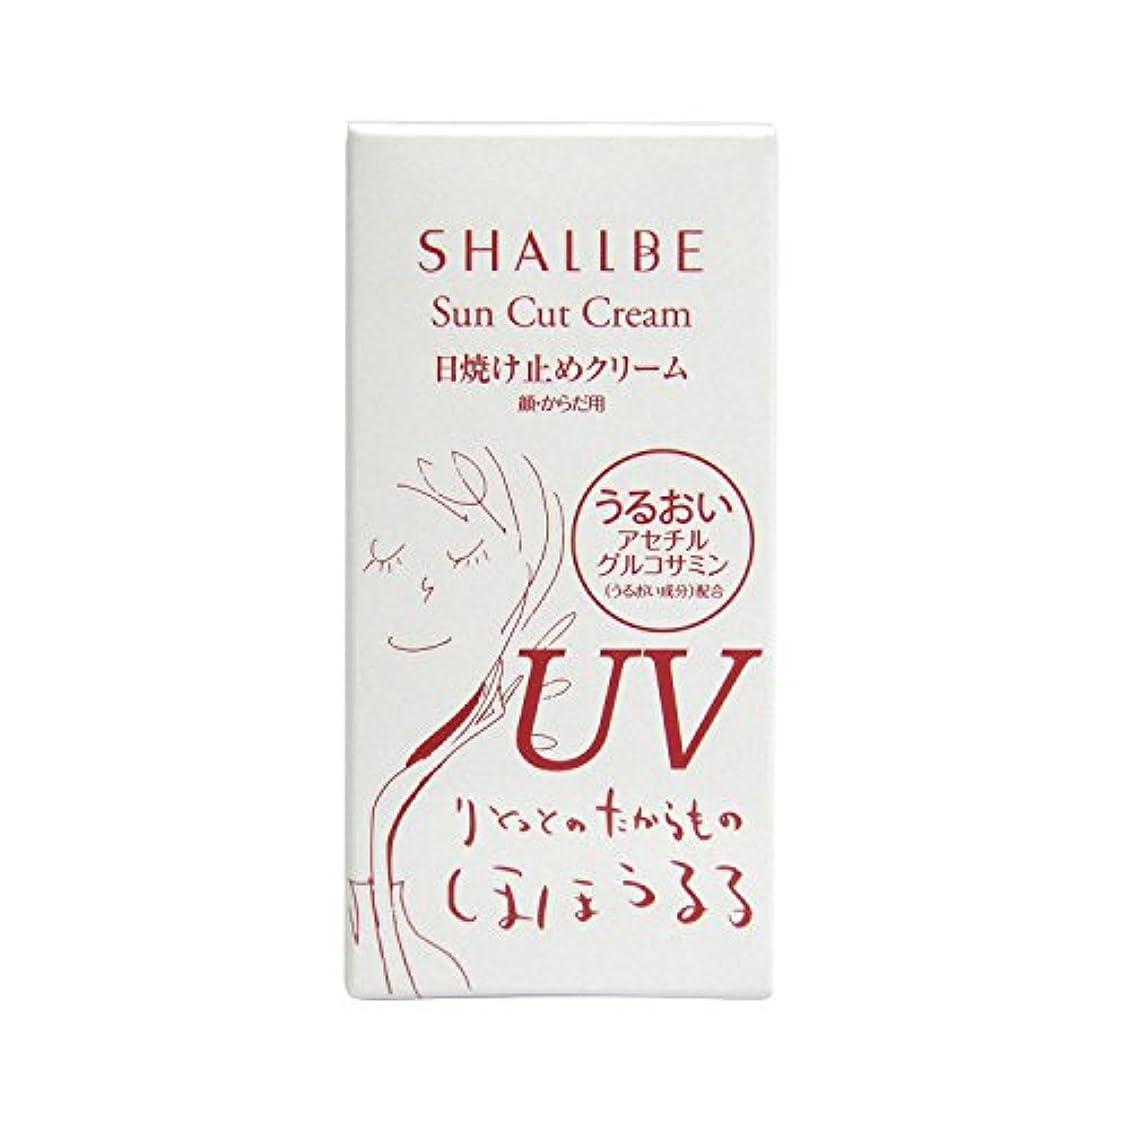 どんなときも計り知れない五月シャルビー りとっとのたからもの ほほうるるUVカットミルク30g